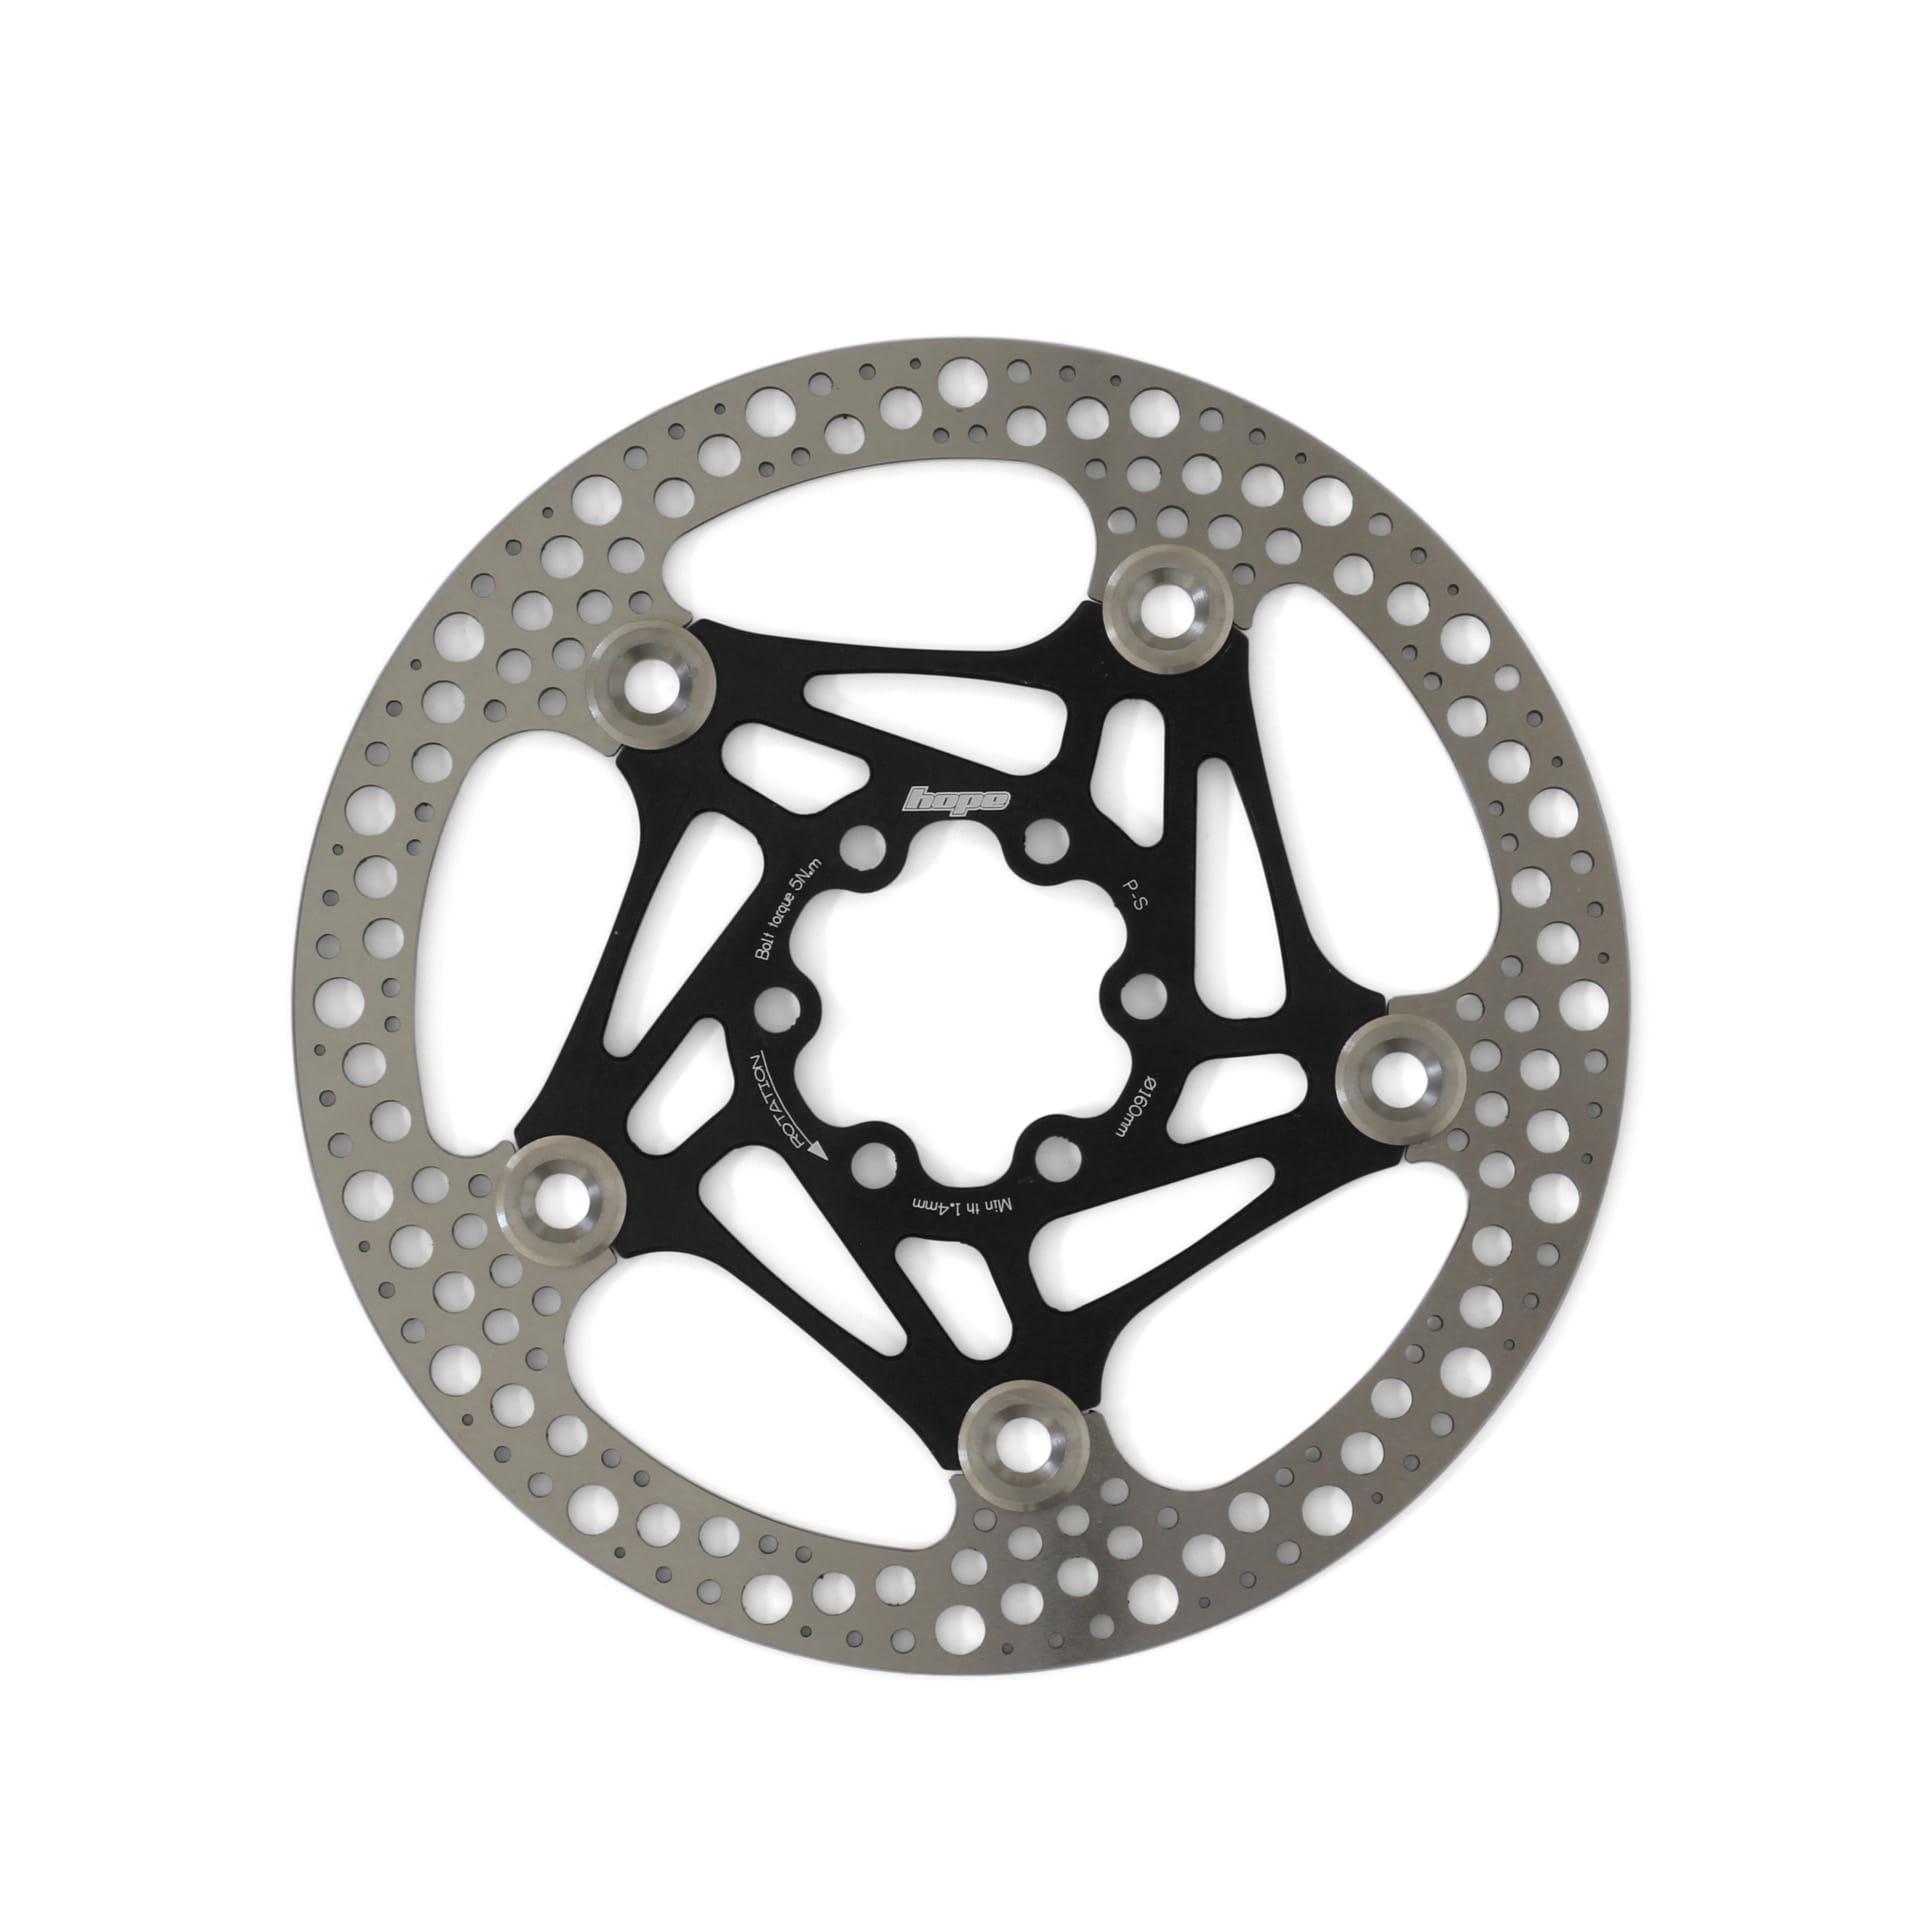 Hope Road Rotor 160mm Bremsscheibe - schwarz online kaufen | BMO Bike-Mailorder